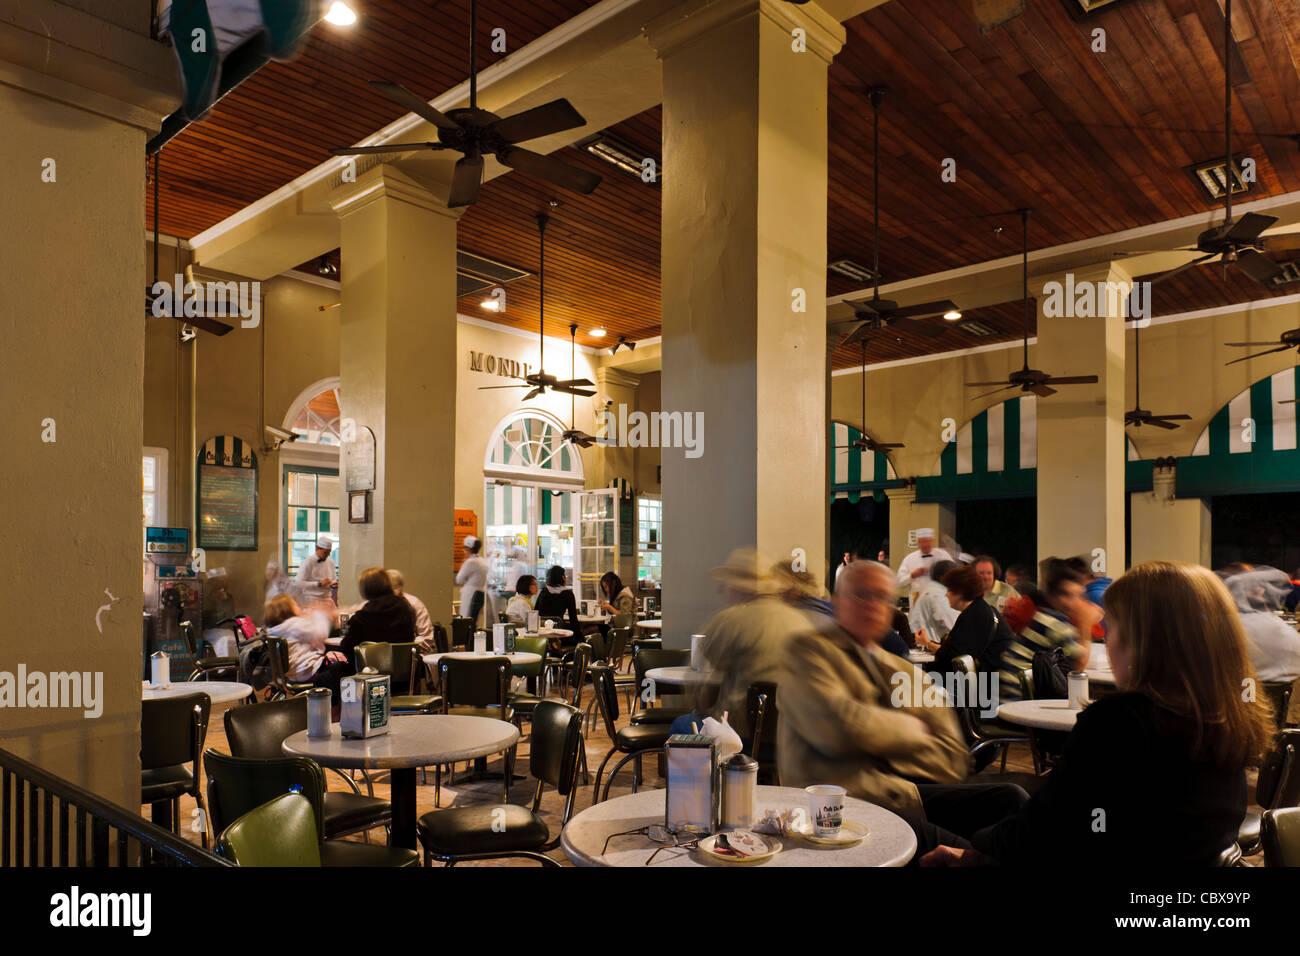 Cafe Du Monde, New Orleans - Stock Image